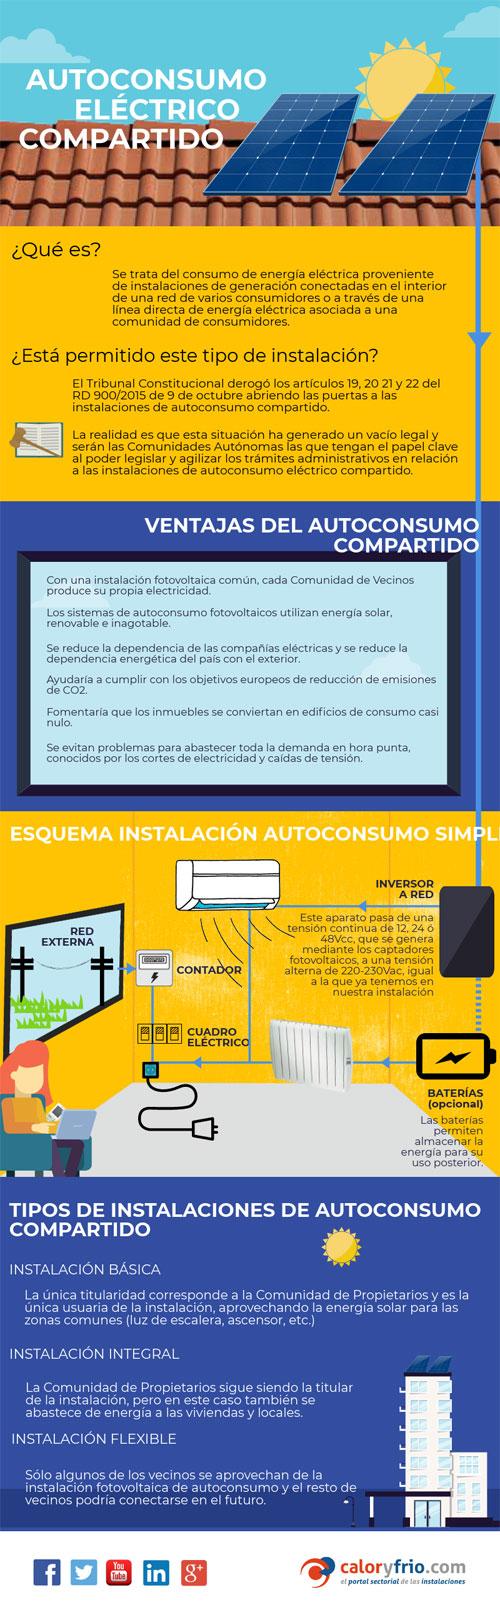 Infografía autoconsumo eléctrico compartido